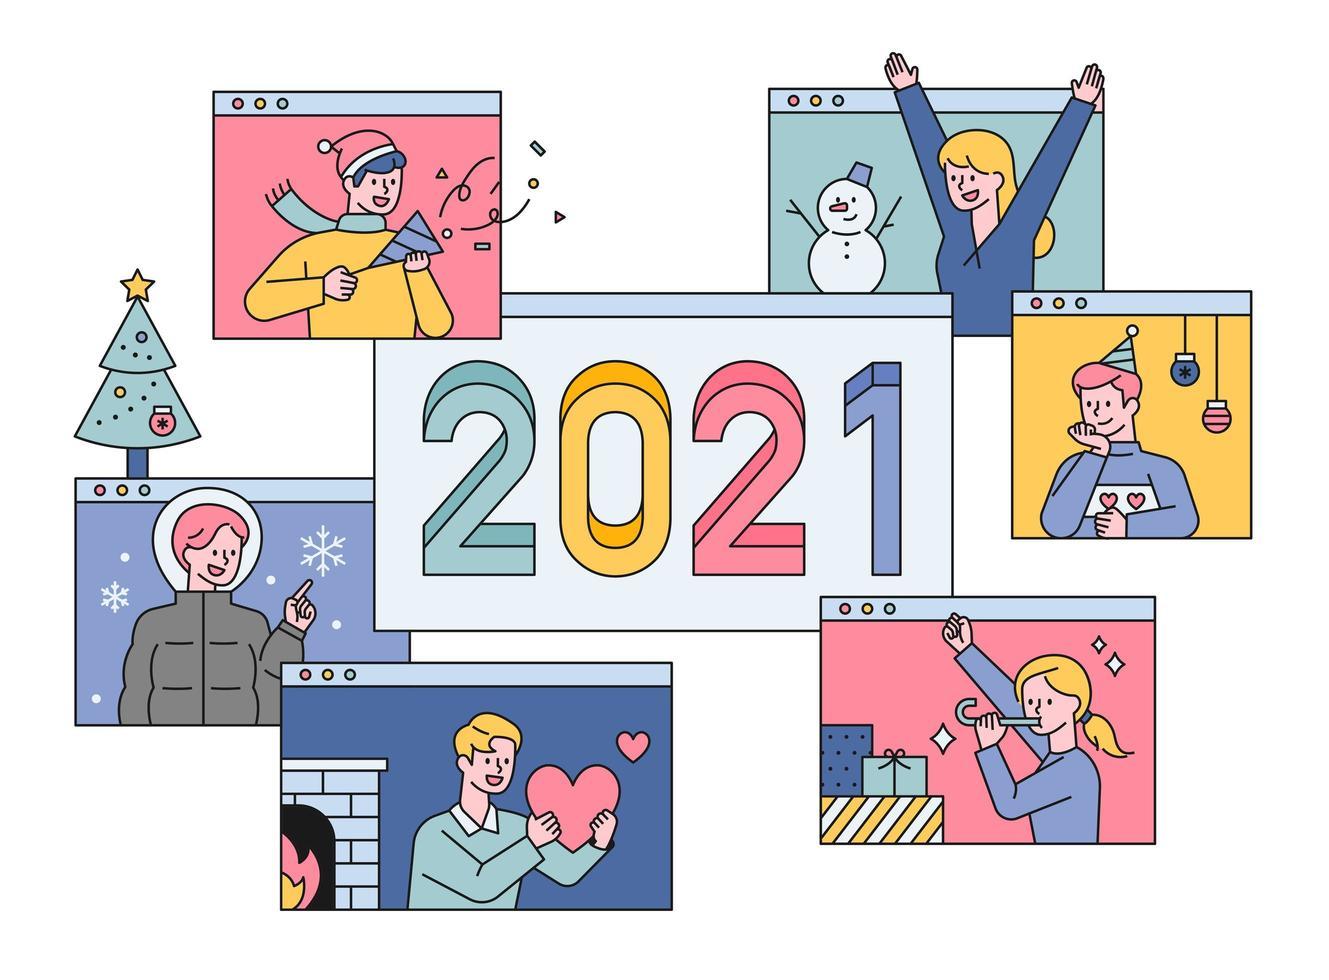 2021 saudação online de feliz ano novo. vetor